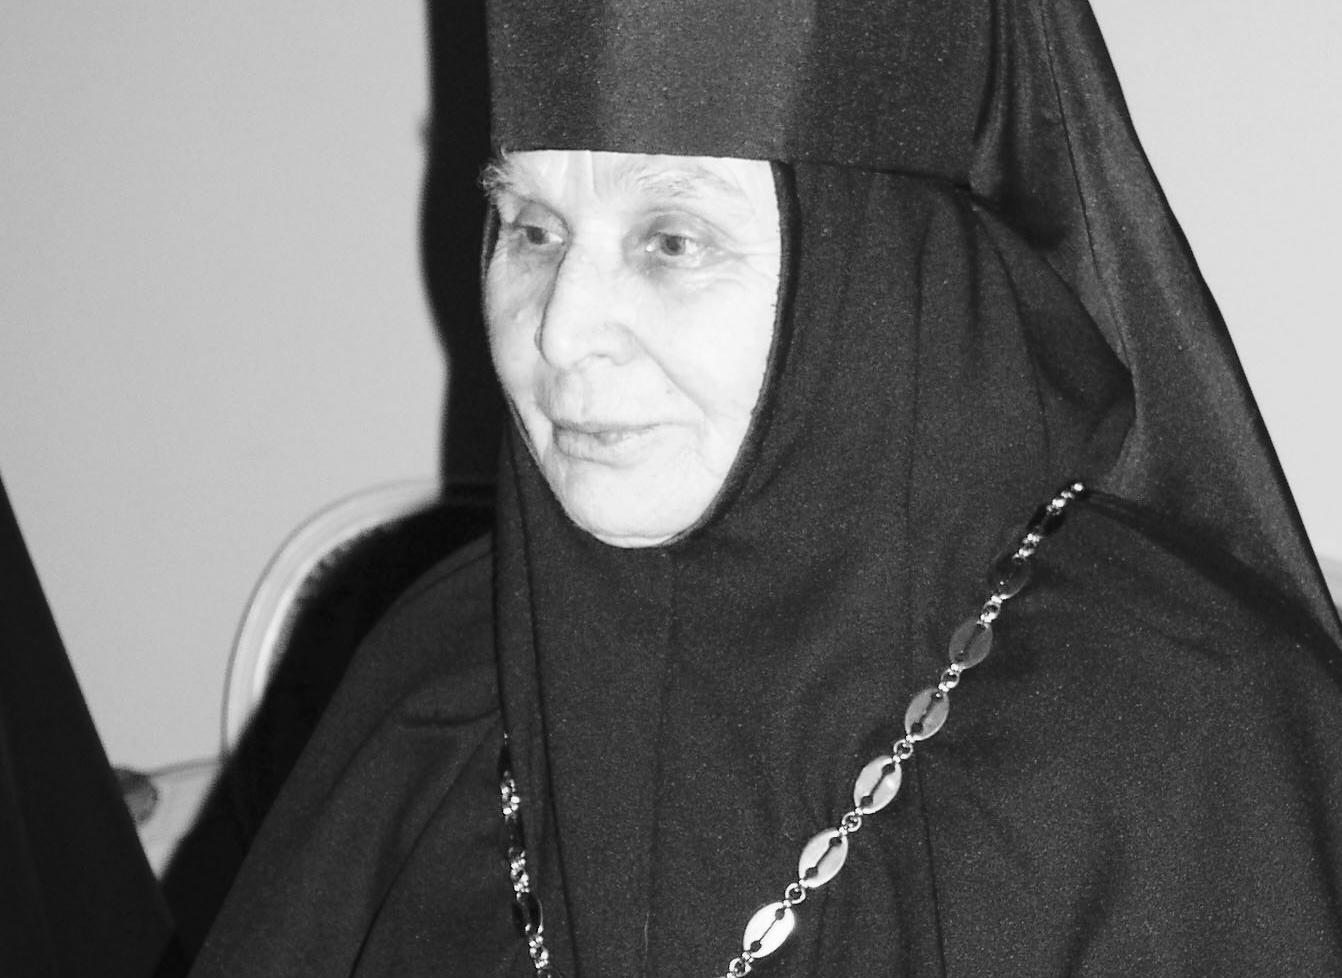 Померла ігуменя-економ Київської Патріархії, на яку здійснив напад єпископ зі своїм сином, позбавлений сану